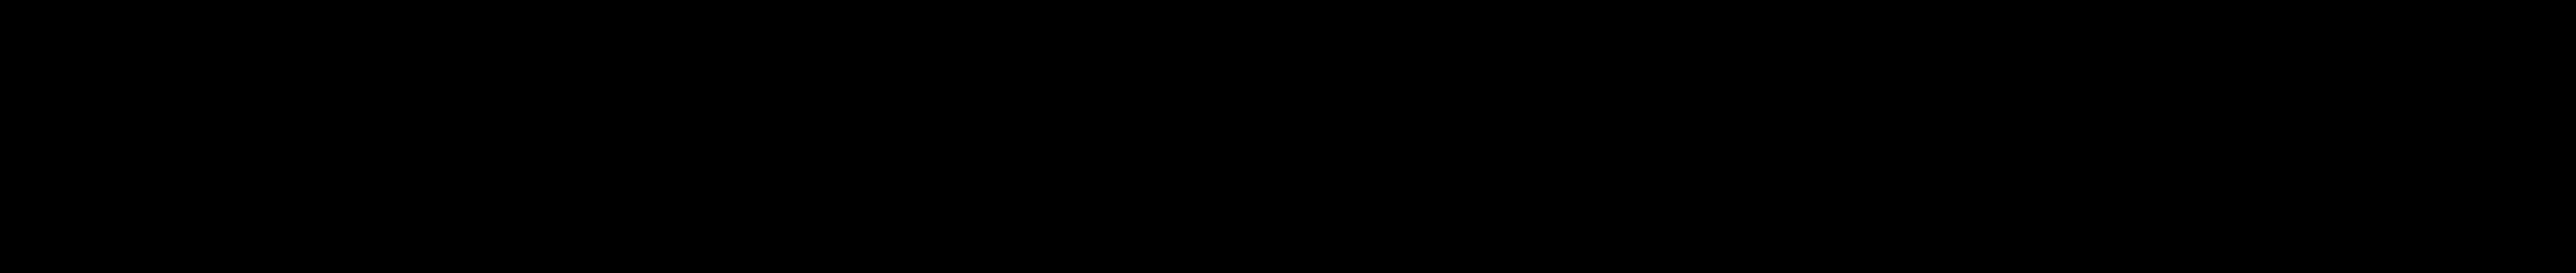 KeyCreator-logo-R2-02